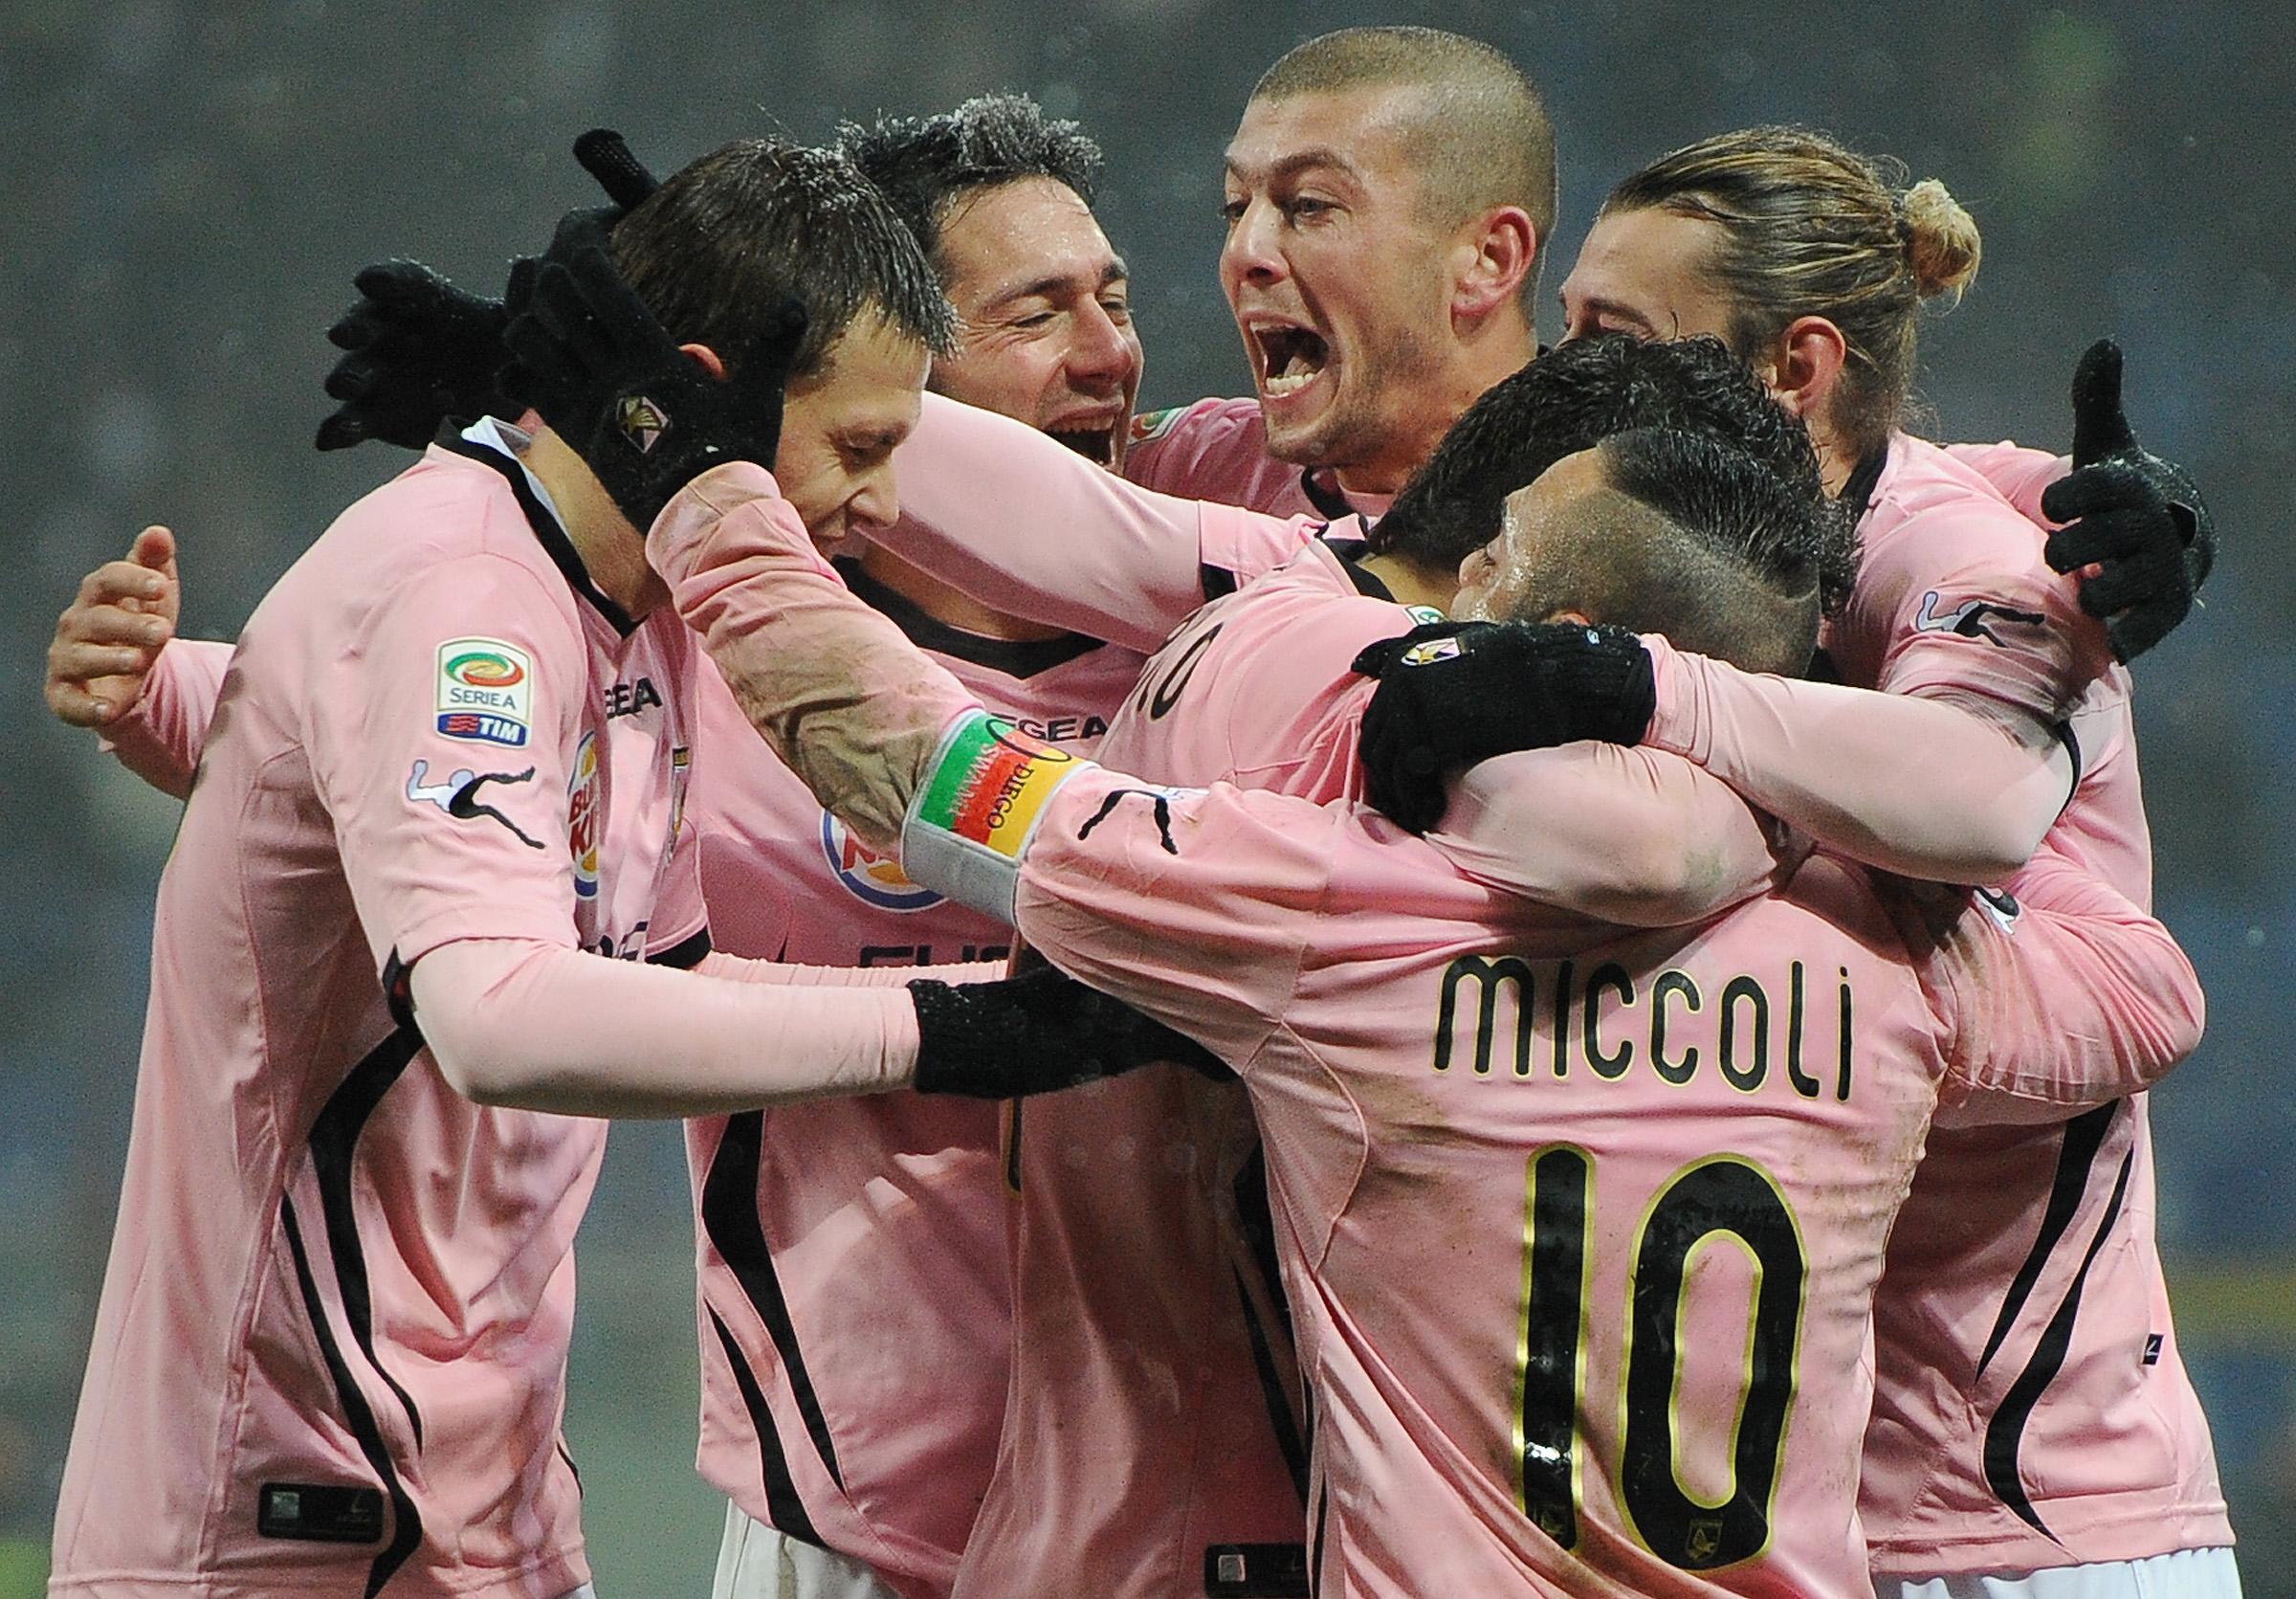 palermo calcio - photo #33